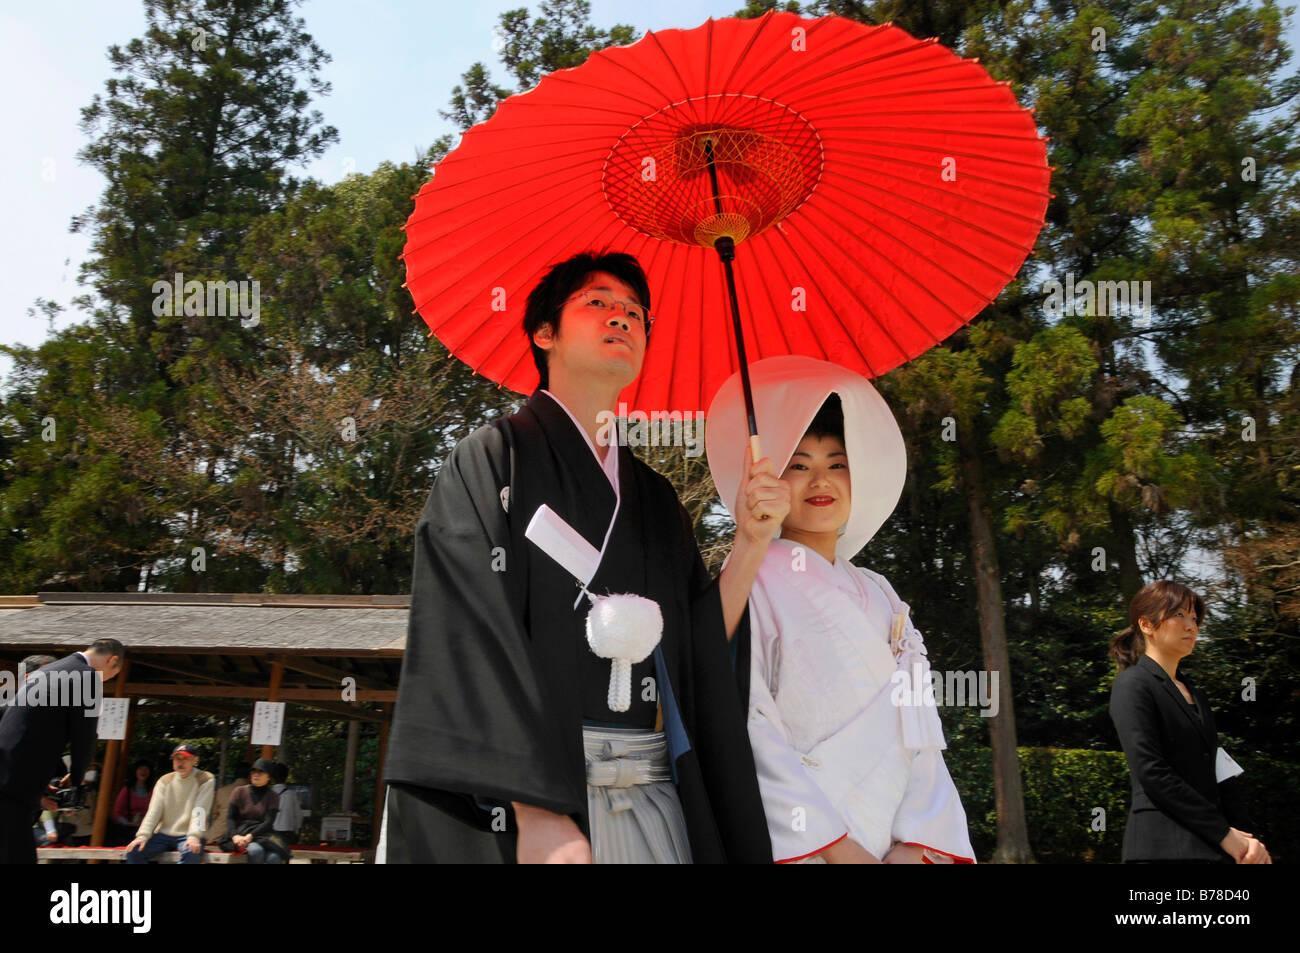 japanische hochzeitspaar tragen traditionelle hochzeits kimonos braut tr gt eine haube. Black Bedroom Furniture Sets. Home Design Ideas